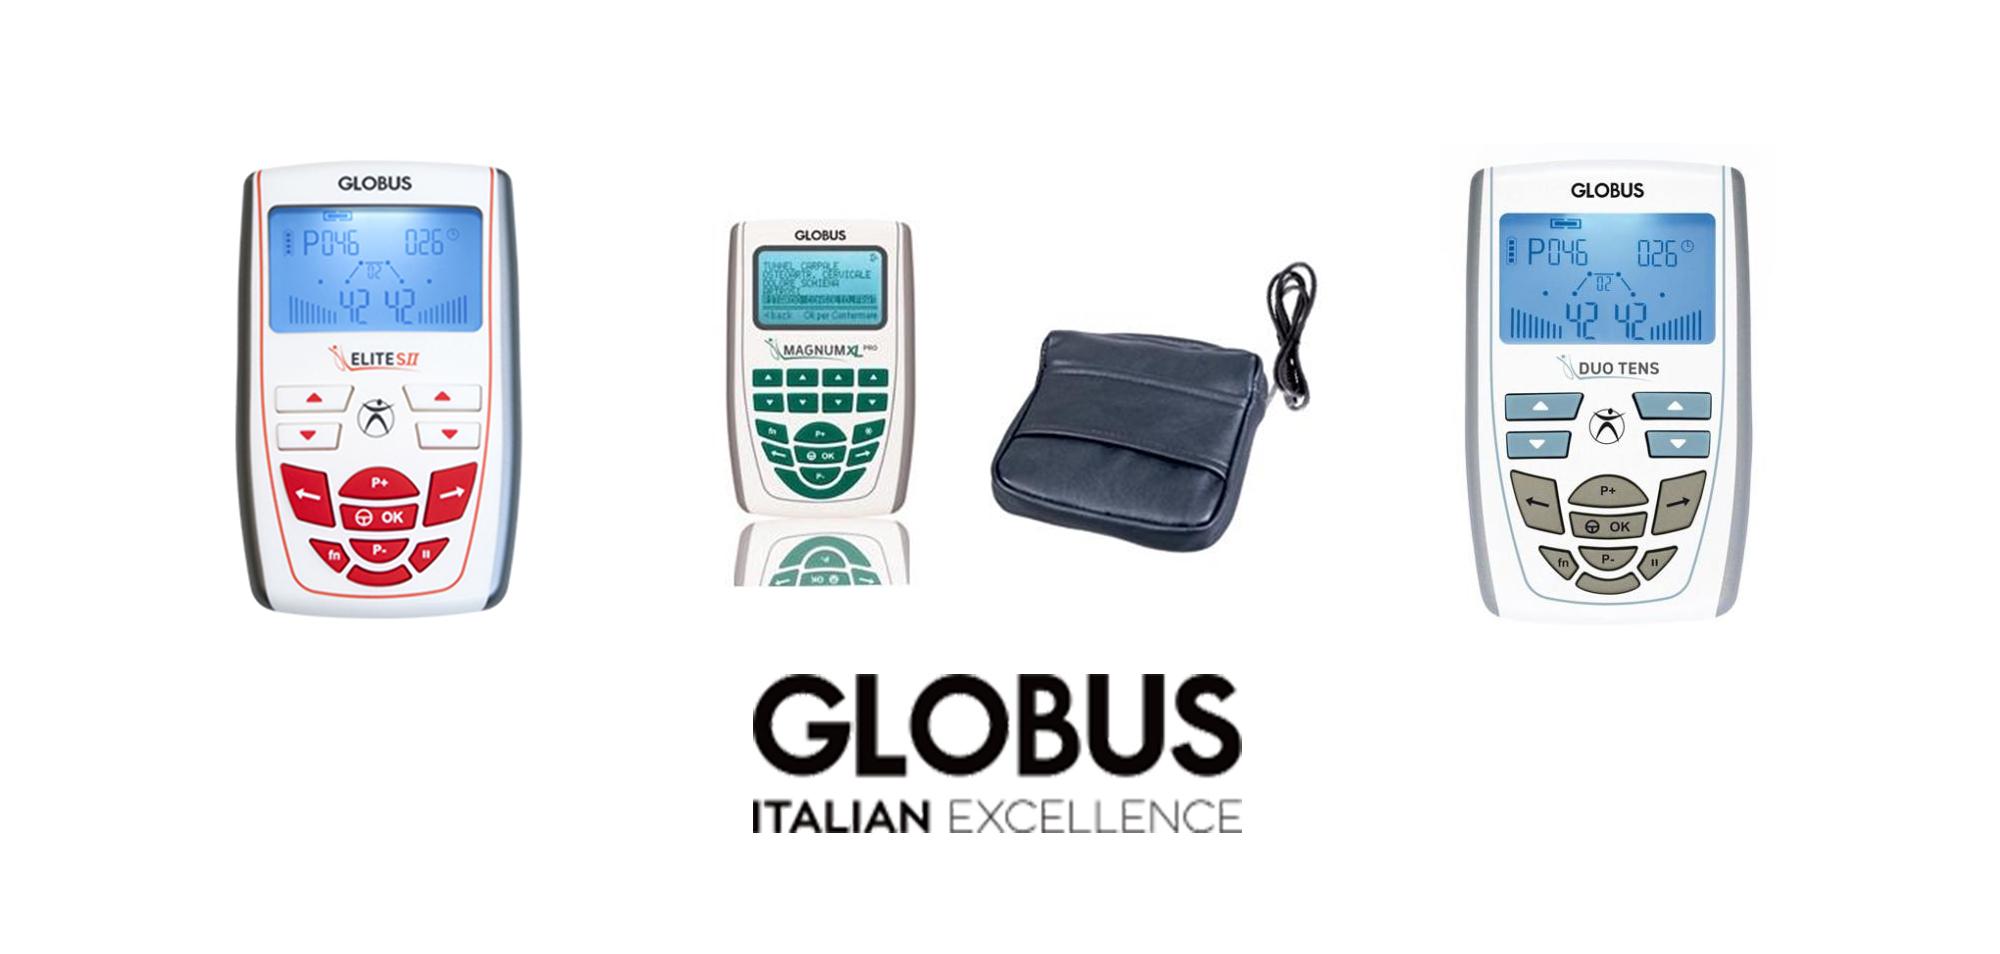 prodotti elettromedicali Globus disponibili da Sanisfera